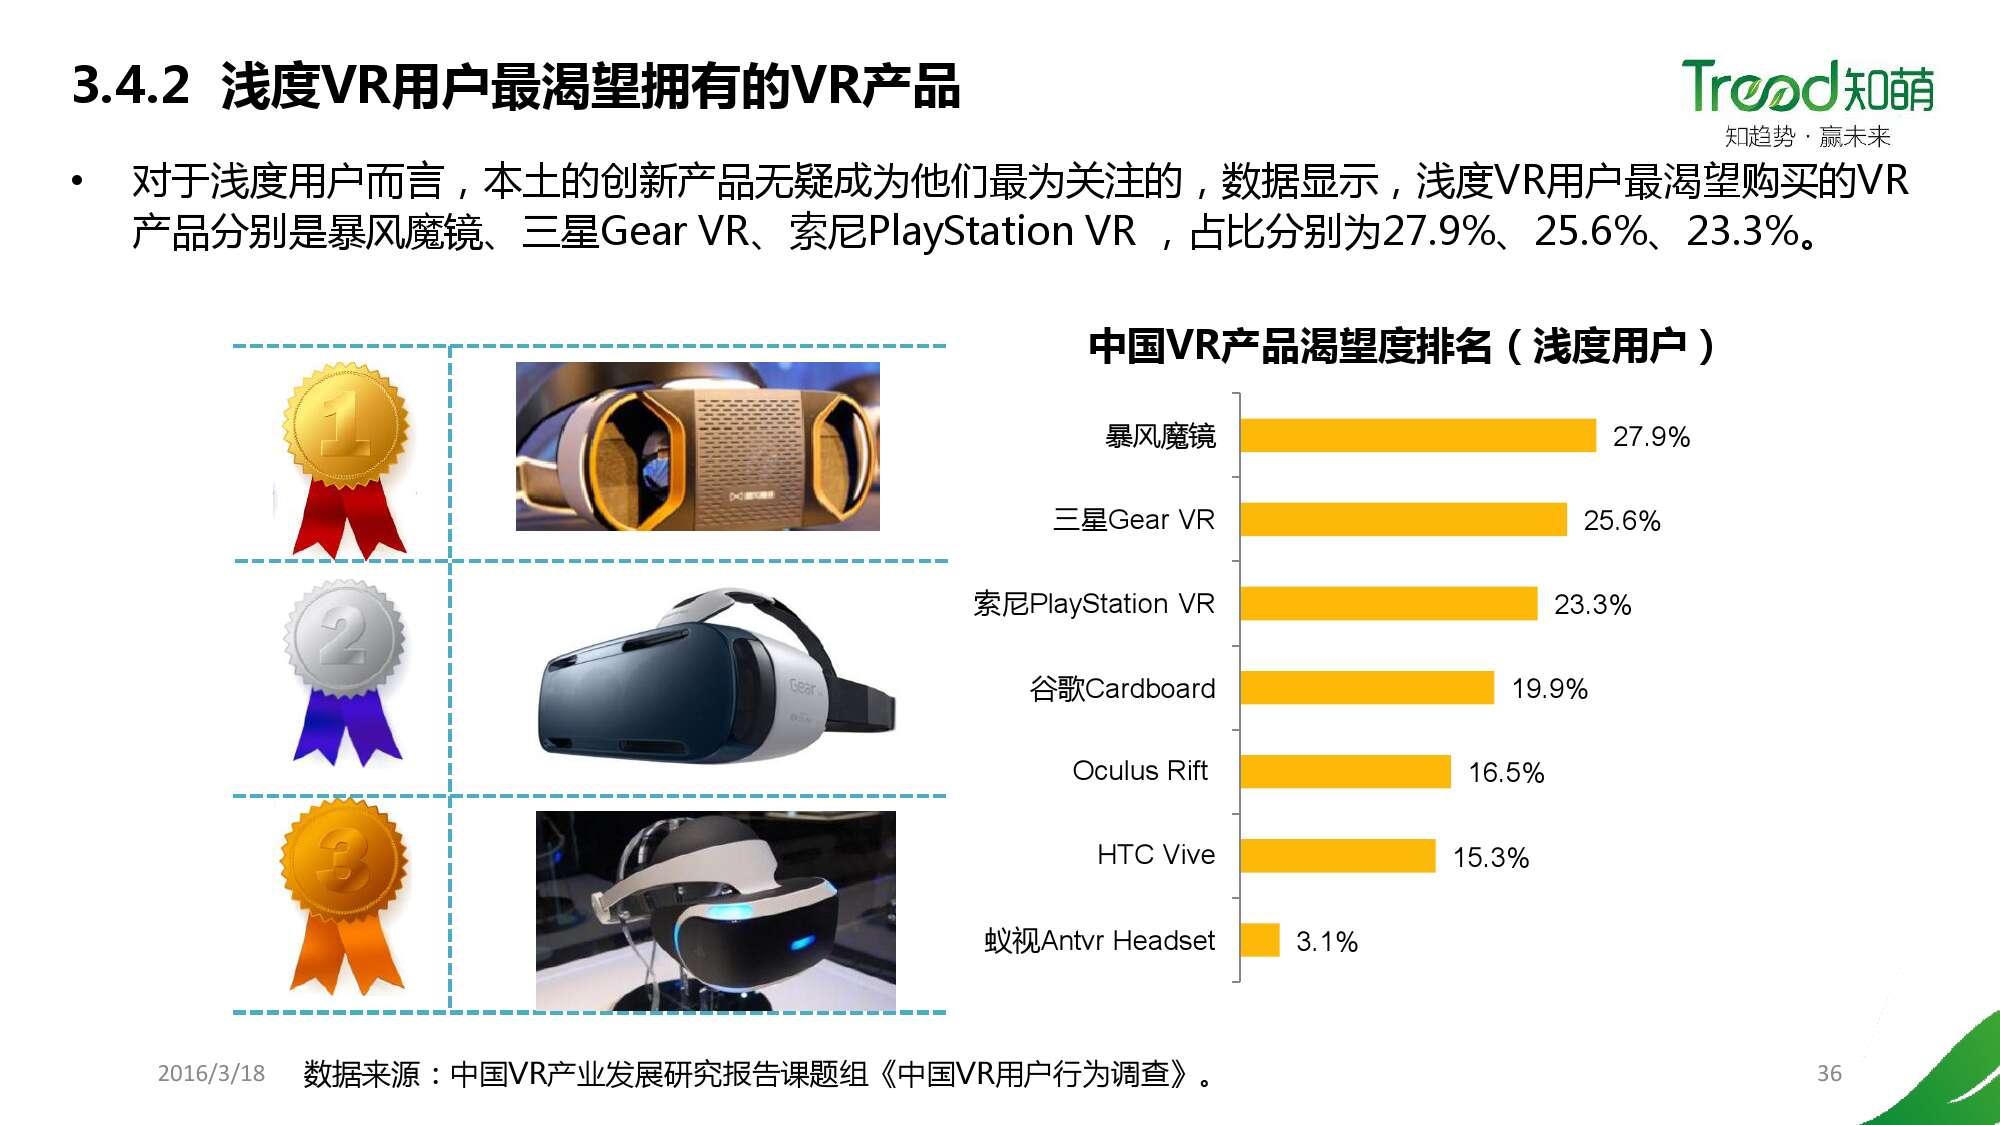 中国VR用户行为研究报告_000036